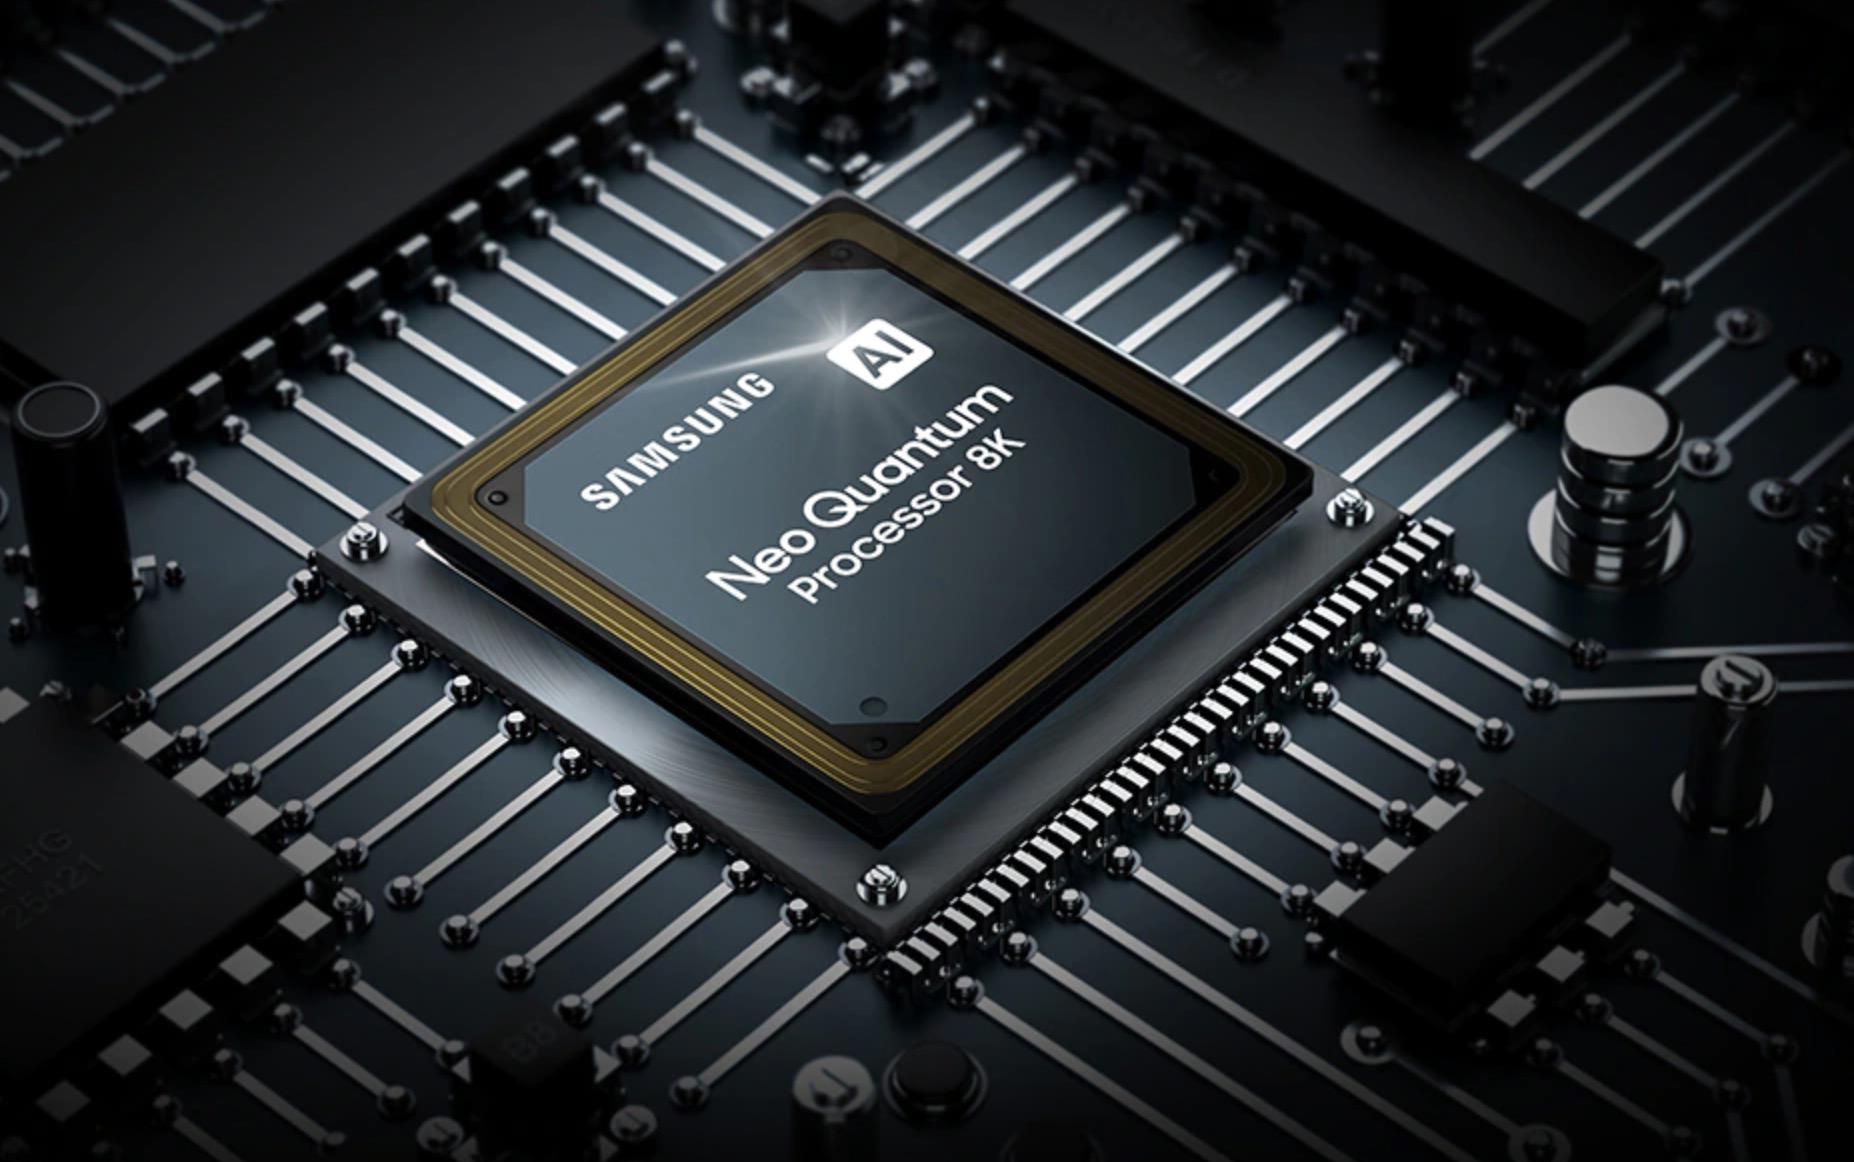 Processeur Neo Quantum